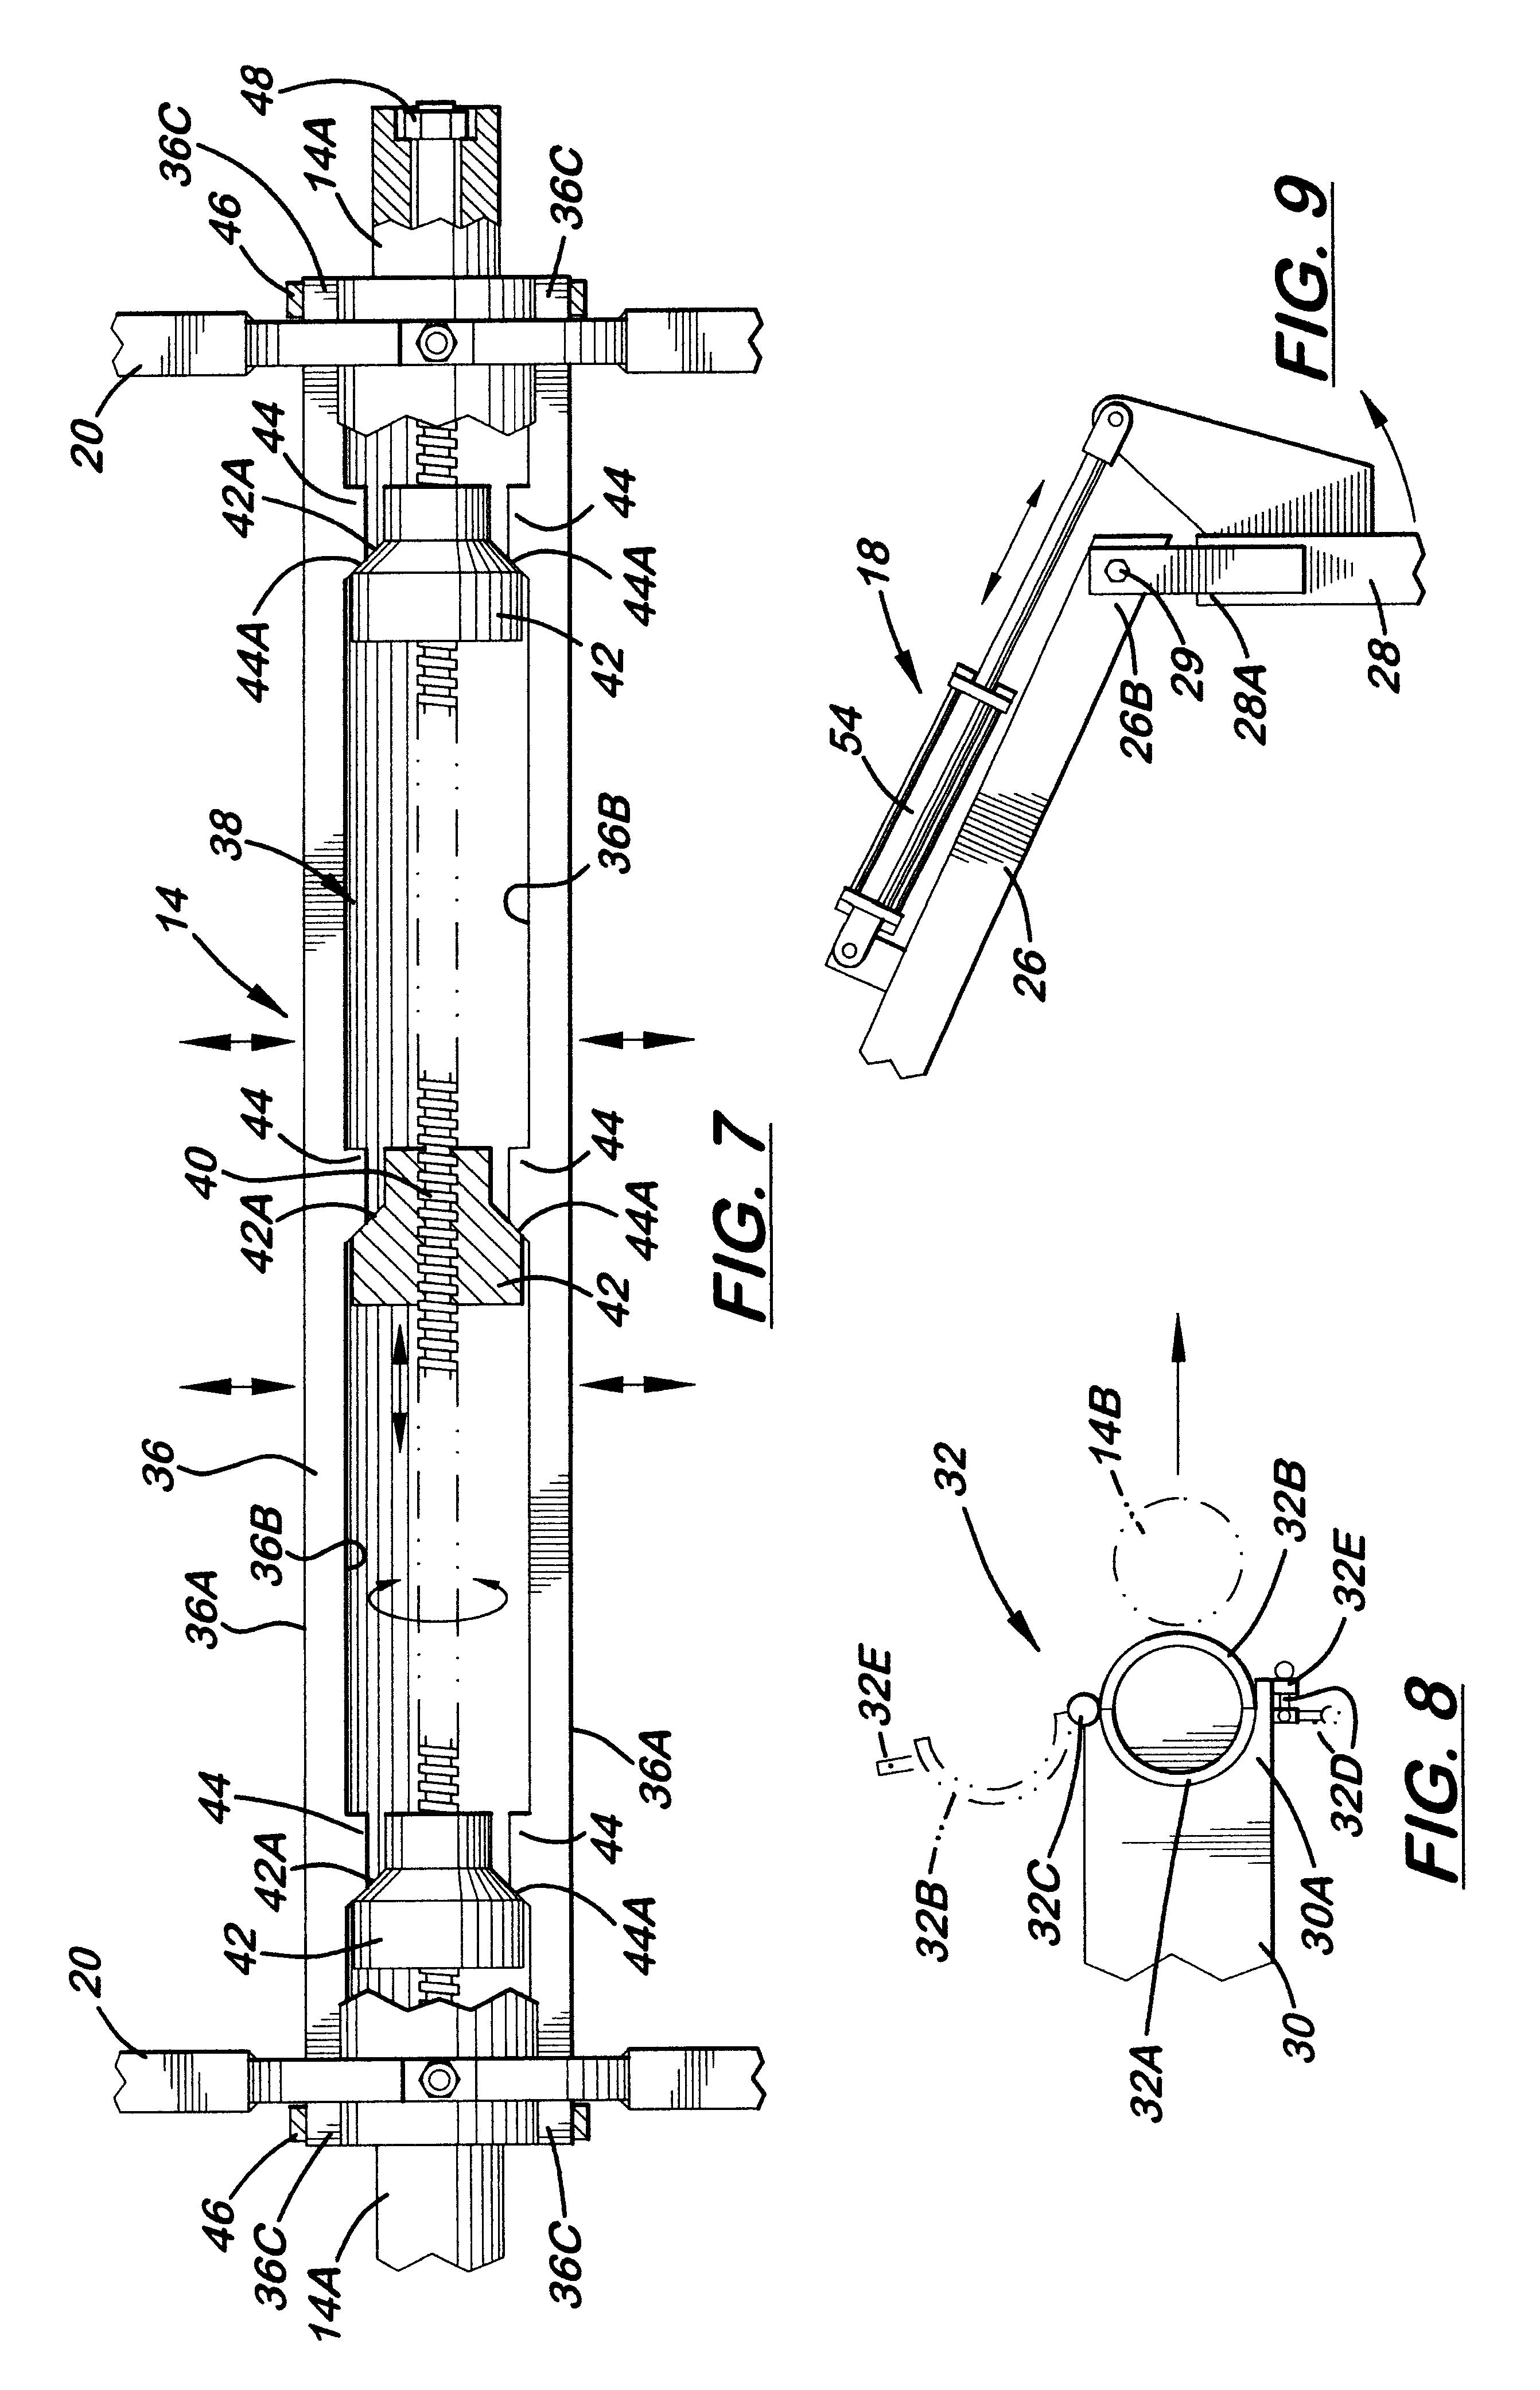 patent us6543713